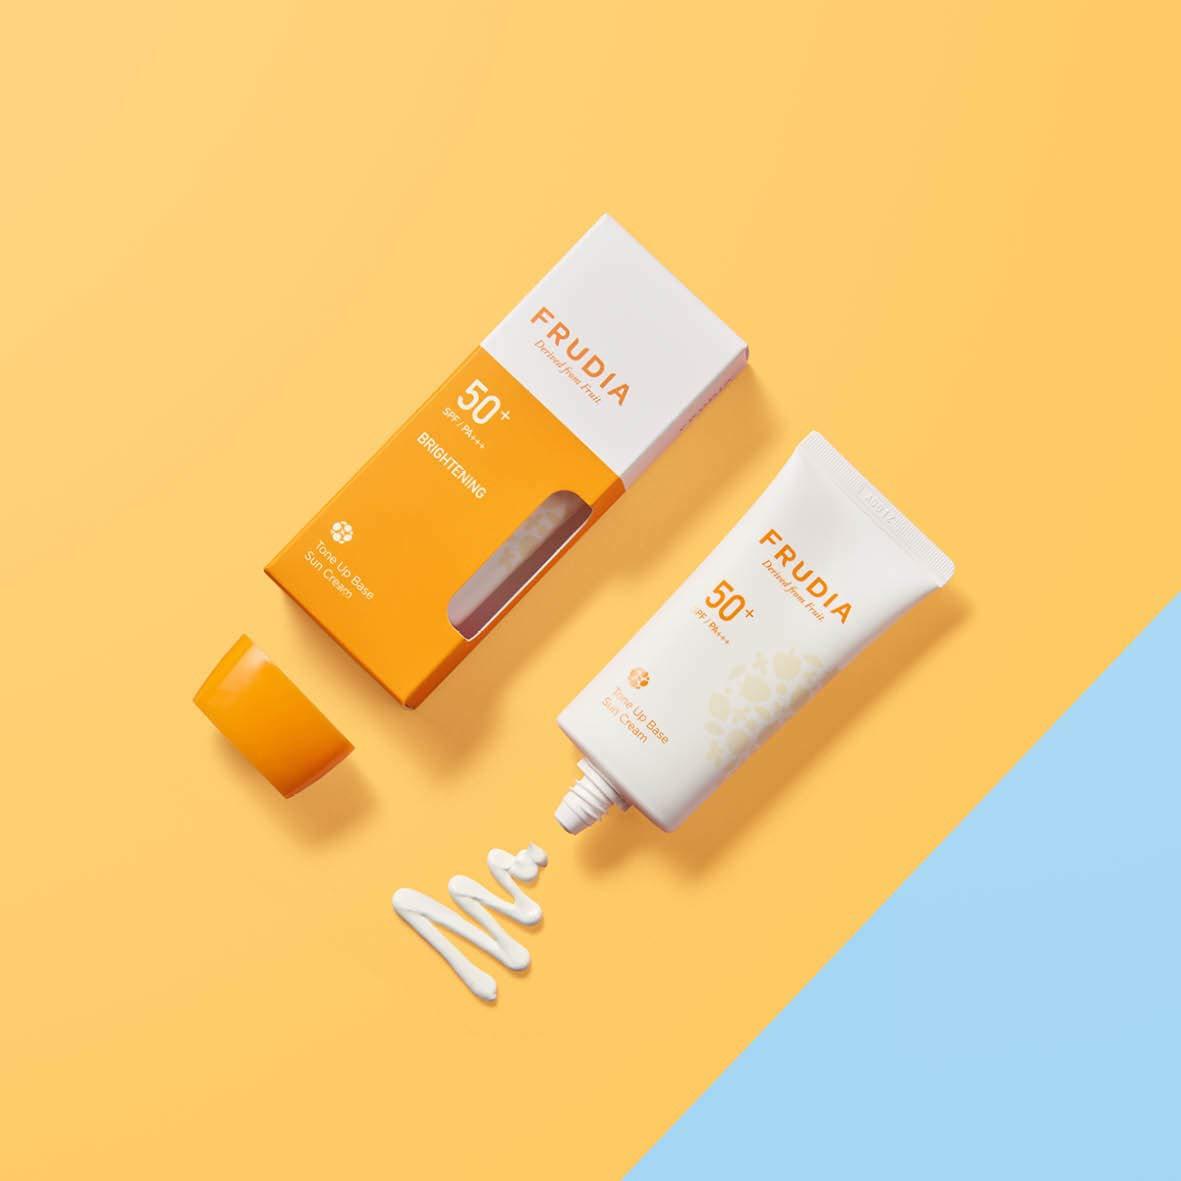 Frudia Tone Up Base Sun Cream Spf50